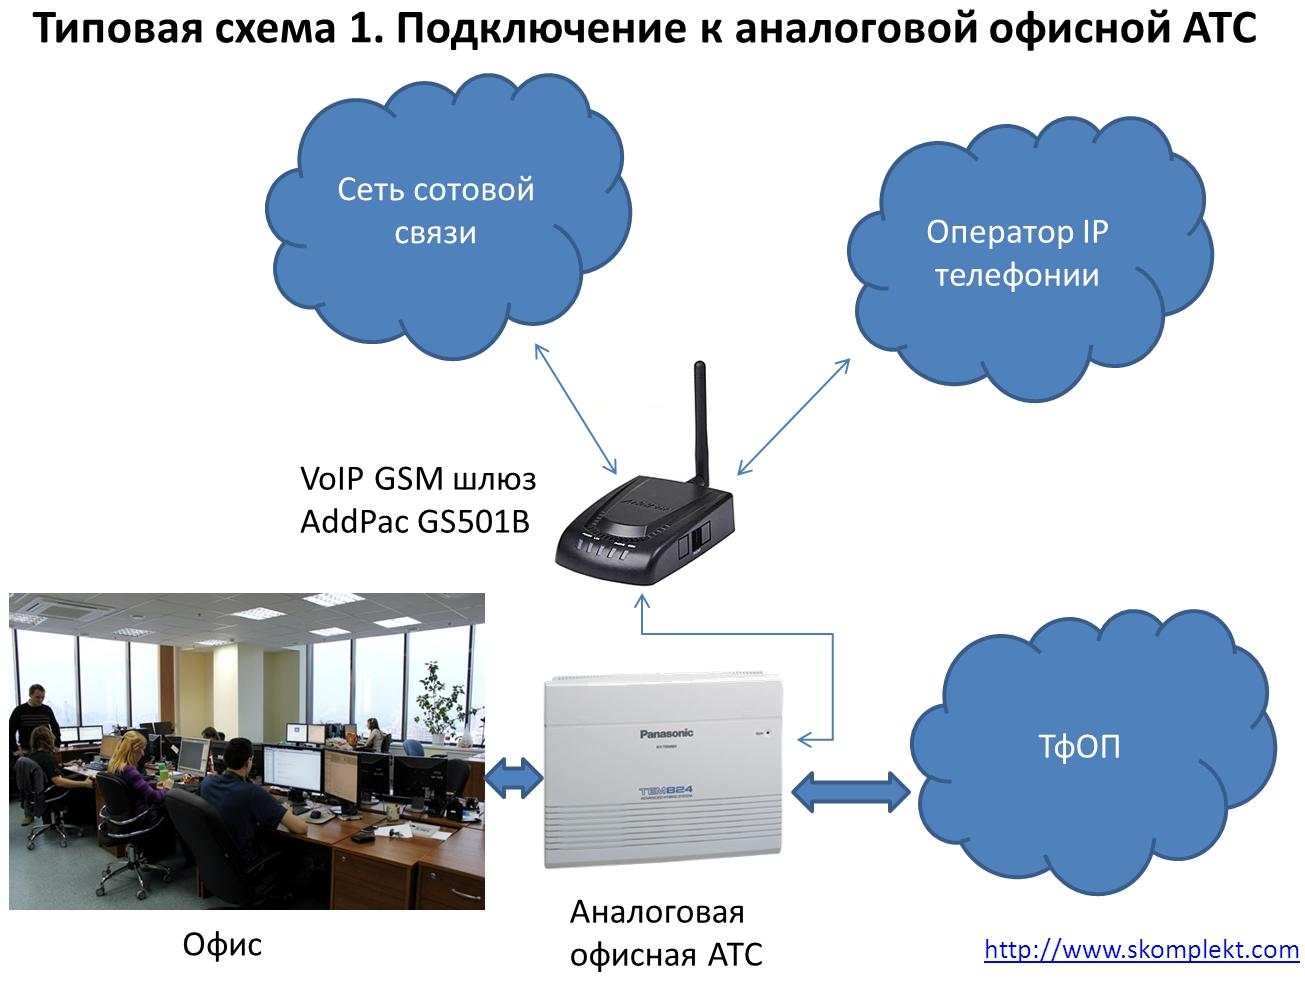 Типовая схема 1. Подключение к аналоговой офисной АТС